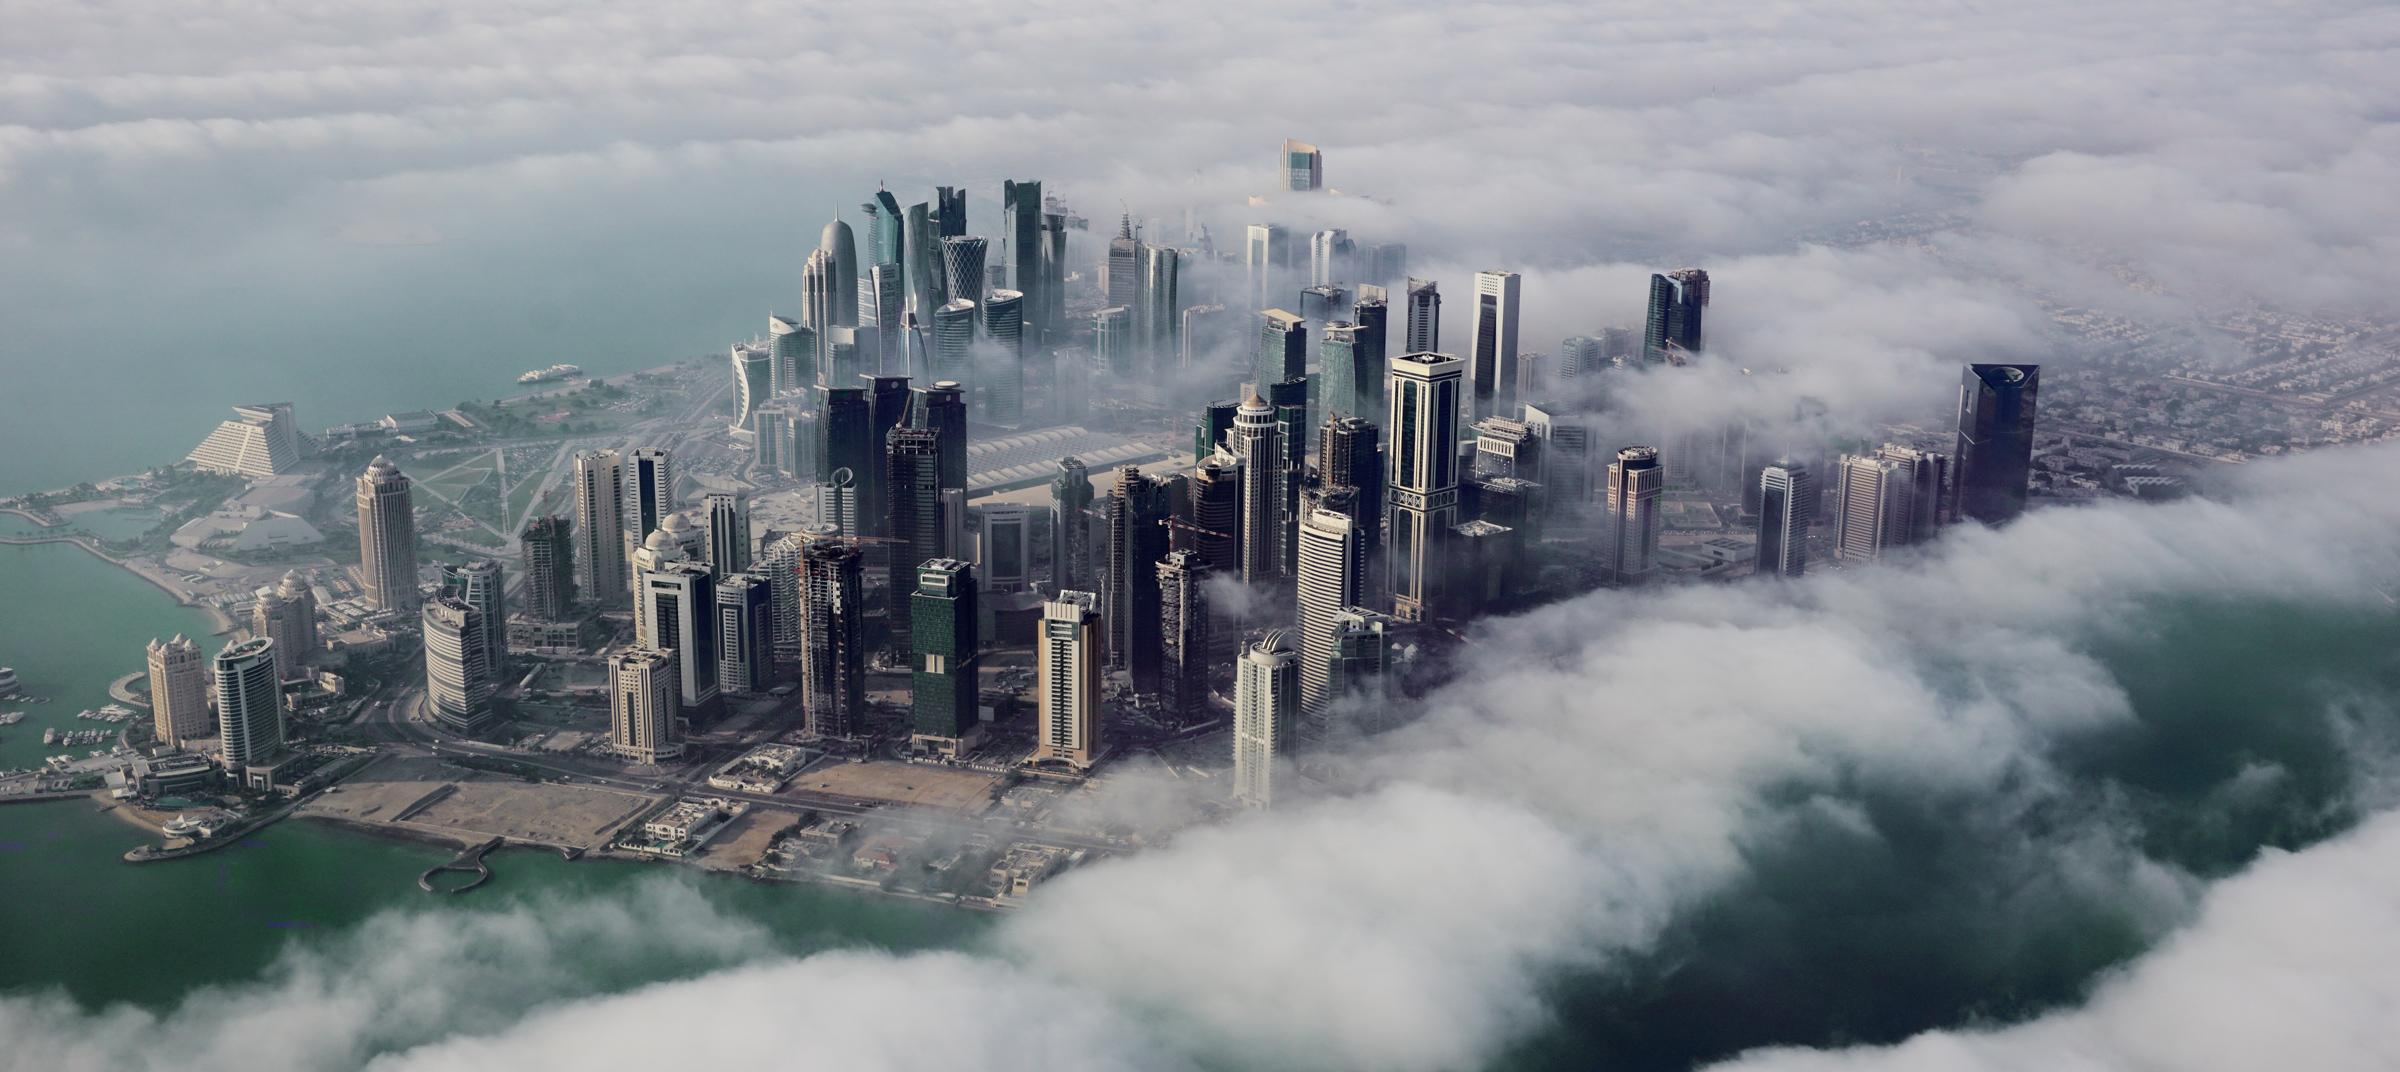 Die Katar-Krise: Saudi-Arabien, Trump und der Krieg gegen den Iran <br>  <span id='sec-title'>Nein, es geht nicht um die Unterstützung von Terrorismus.</span>